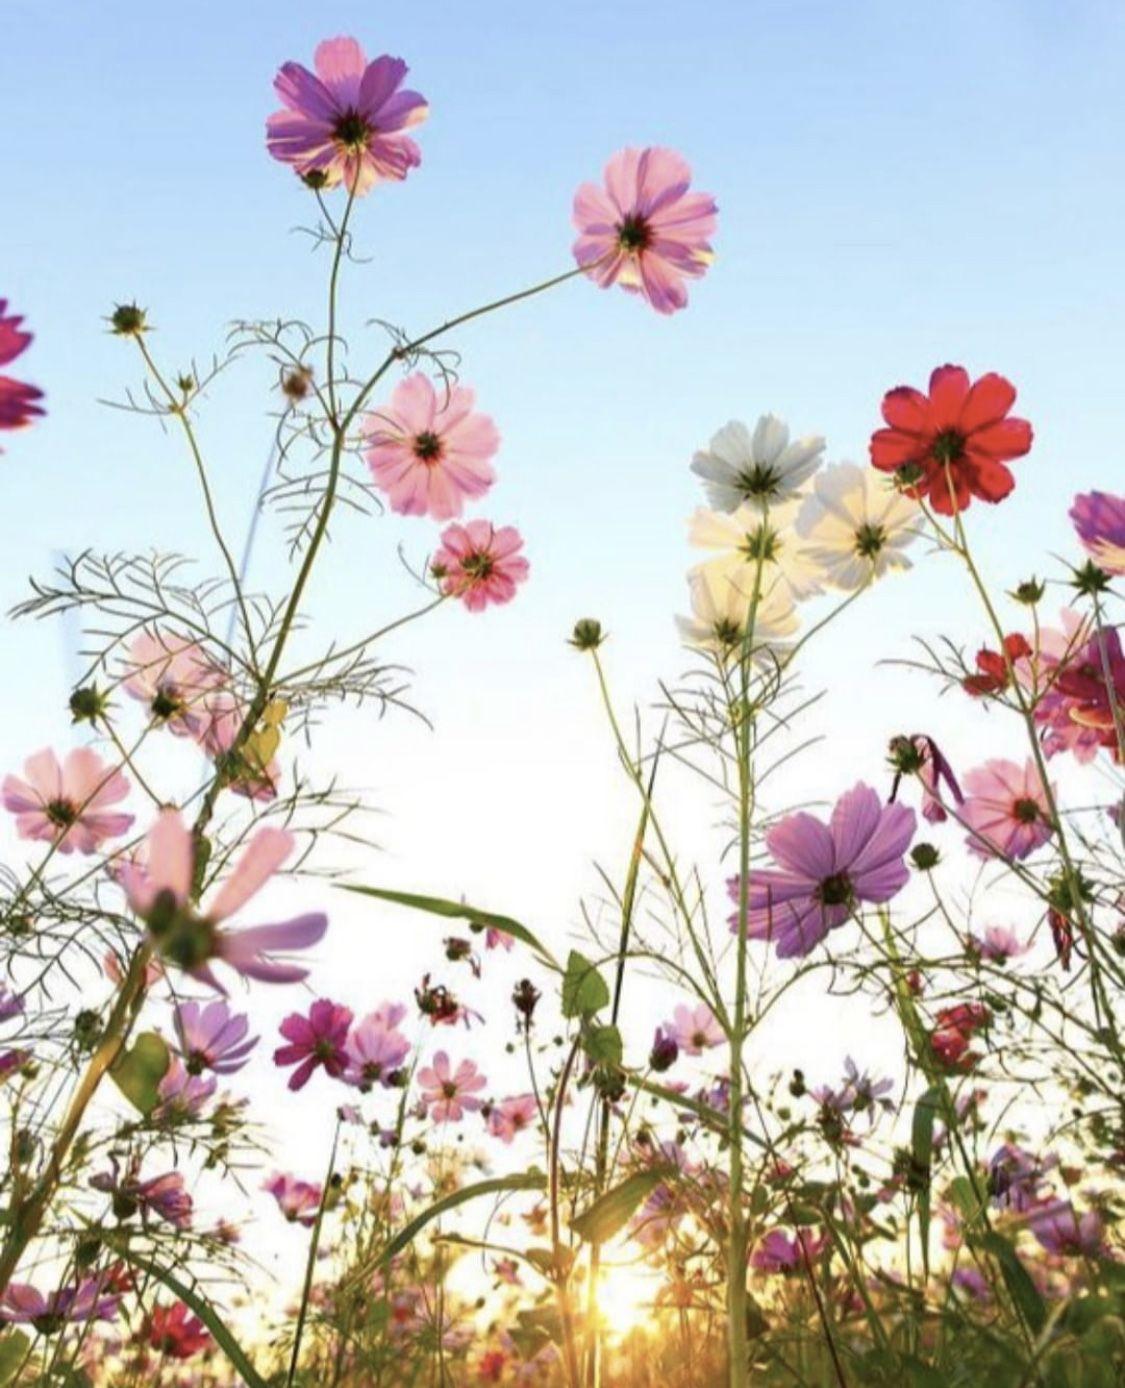 Epingle Par Sainchris Sur Paysages En 2020 Photo Fleurs Fond D Ecran Abstrait Photo Magnifique